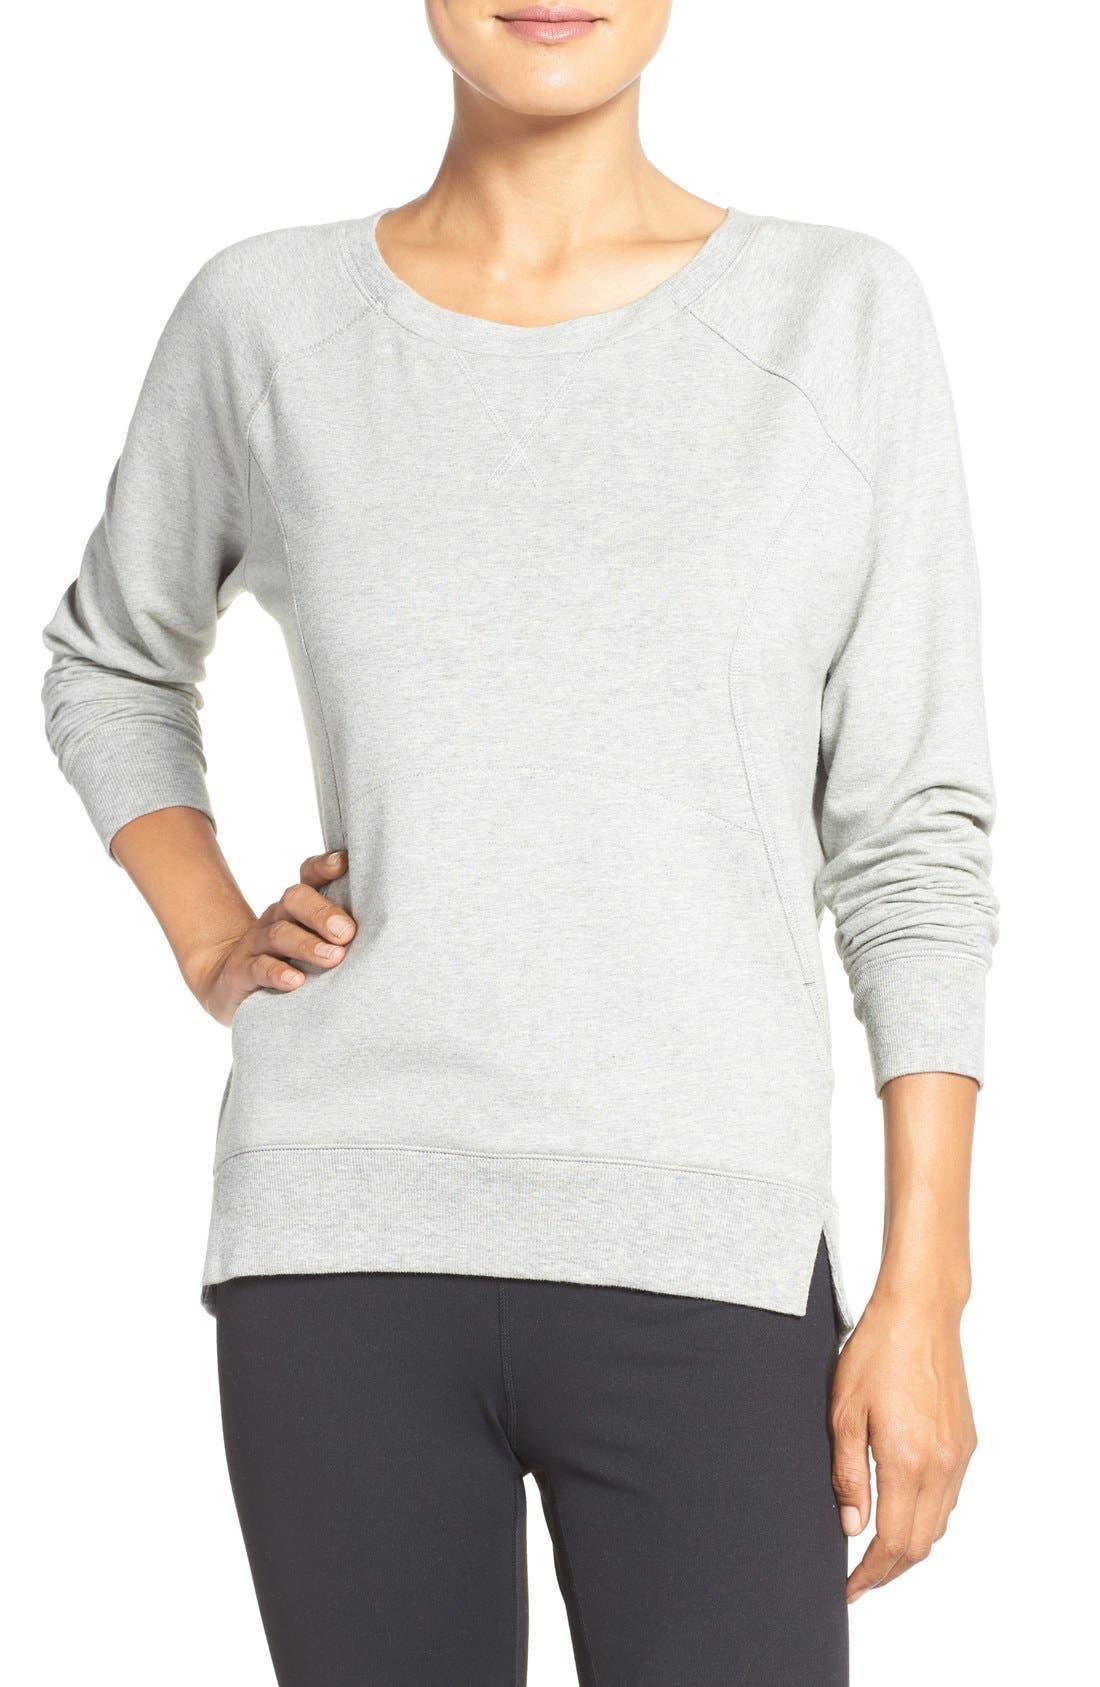 Alternate Image 1 Selected - Zella 'Luxesport' Long Sleeve Sweatshirt